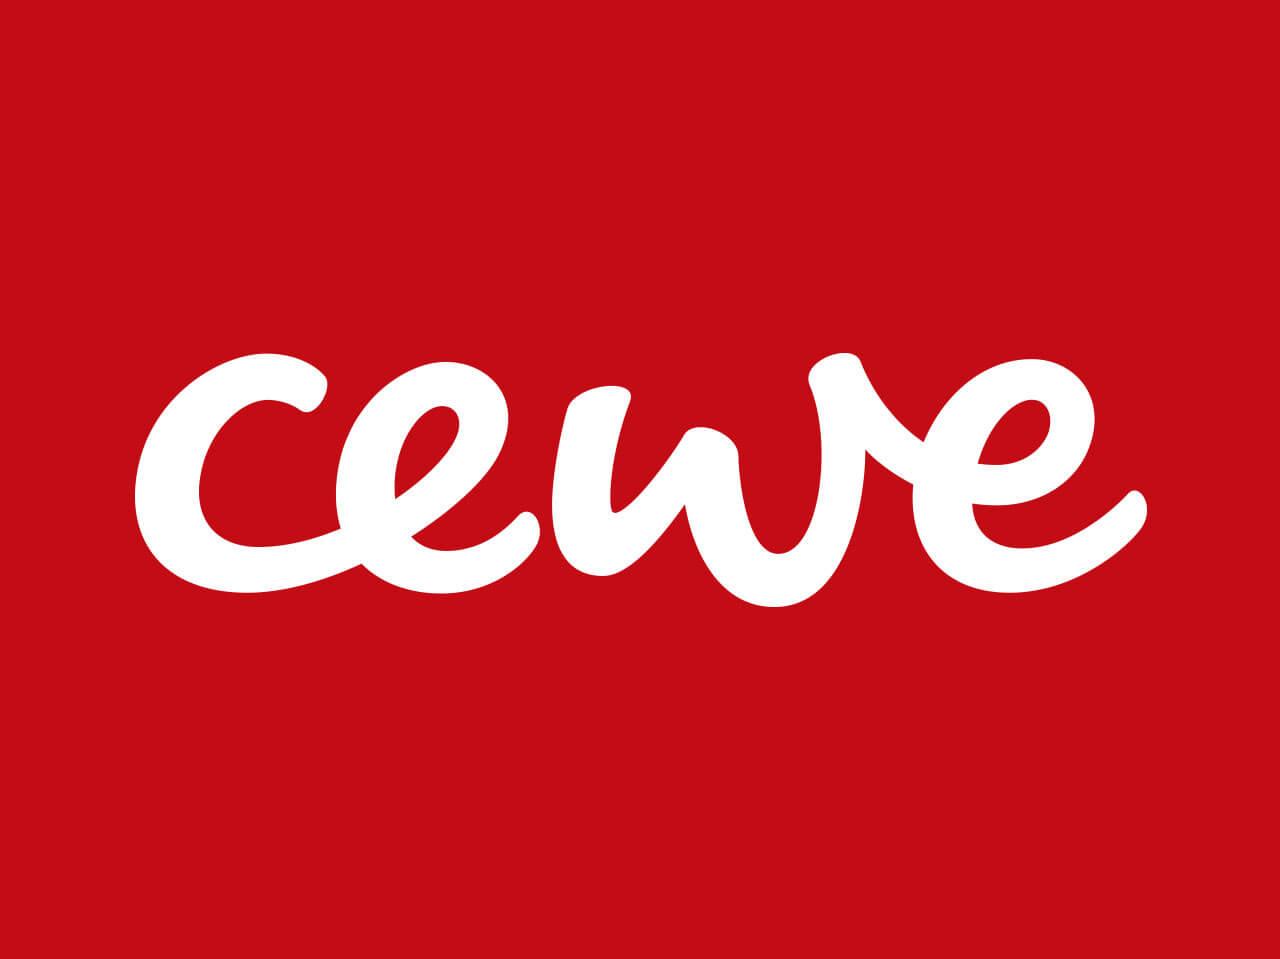 A bejegyzés támogatója - A bejegyzés és az örömteli pillanatok támogatója a CEWE.CEWE tipp: Úgy érzed, sikerült több különleges fotót is készítened a tippünkkel? Szerkessz saját fotókönyvet az elkészült képekből a CEWE.HU oldalon! Szeptemberben 26 oldal áráért akár 72 oldalas könyvet is készíthetsz!A CEWE fotókönyvekről ide kattintva tudhatsz meg többet!